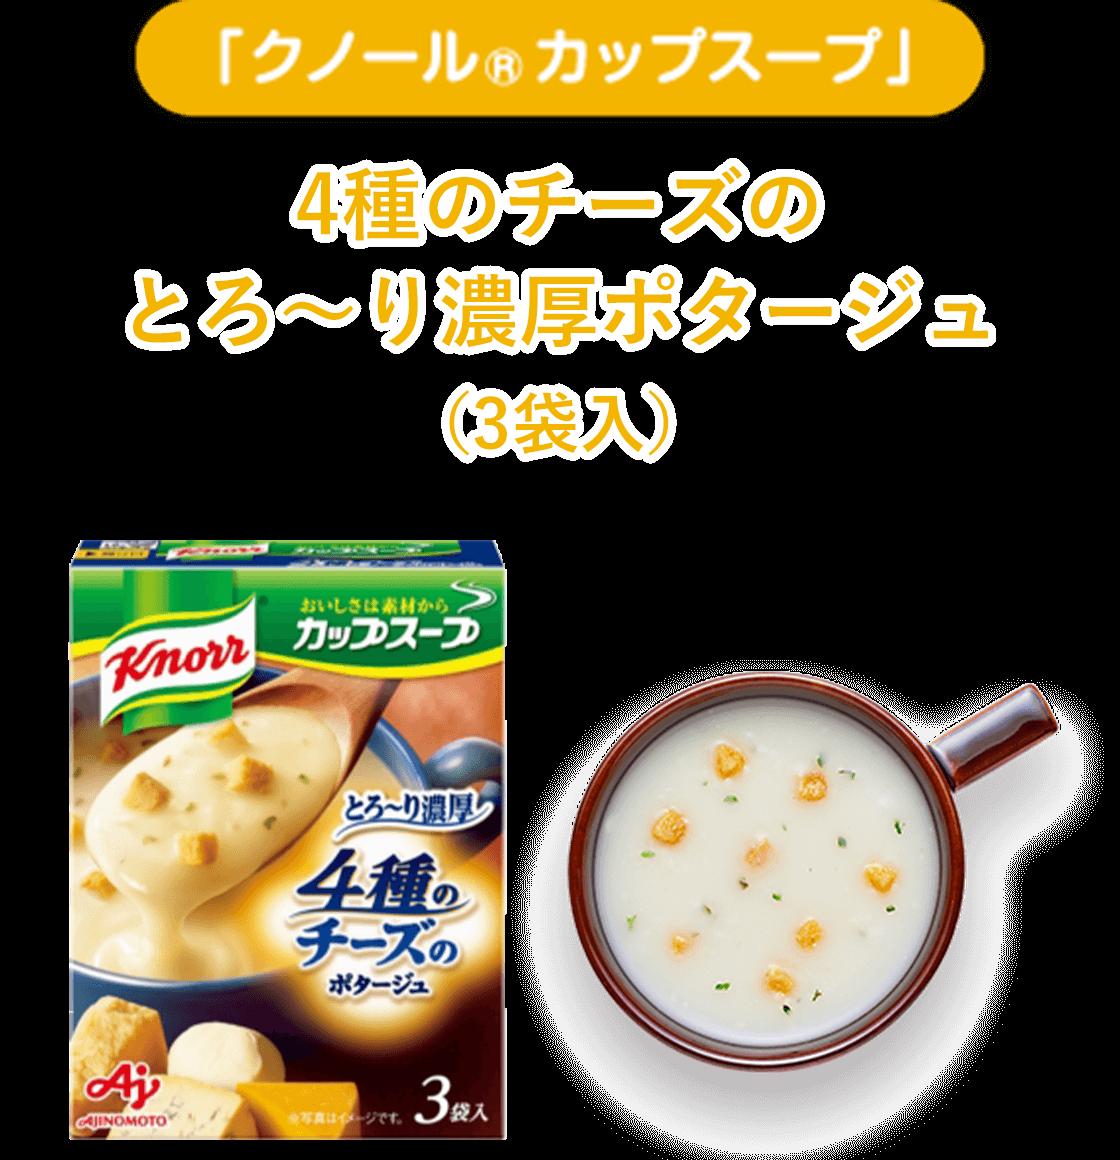 「クノール® カップスープ」 4種のチーズのとろ〜り濃厚ポタージュ(3袋入)